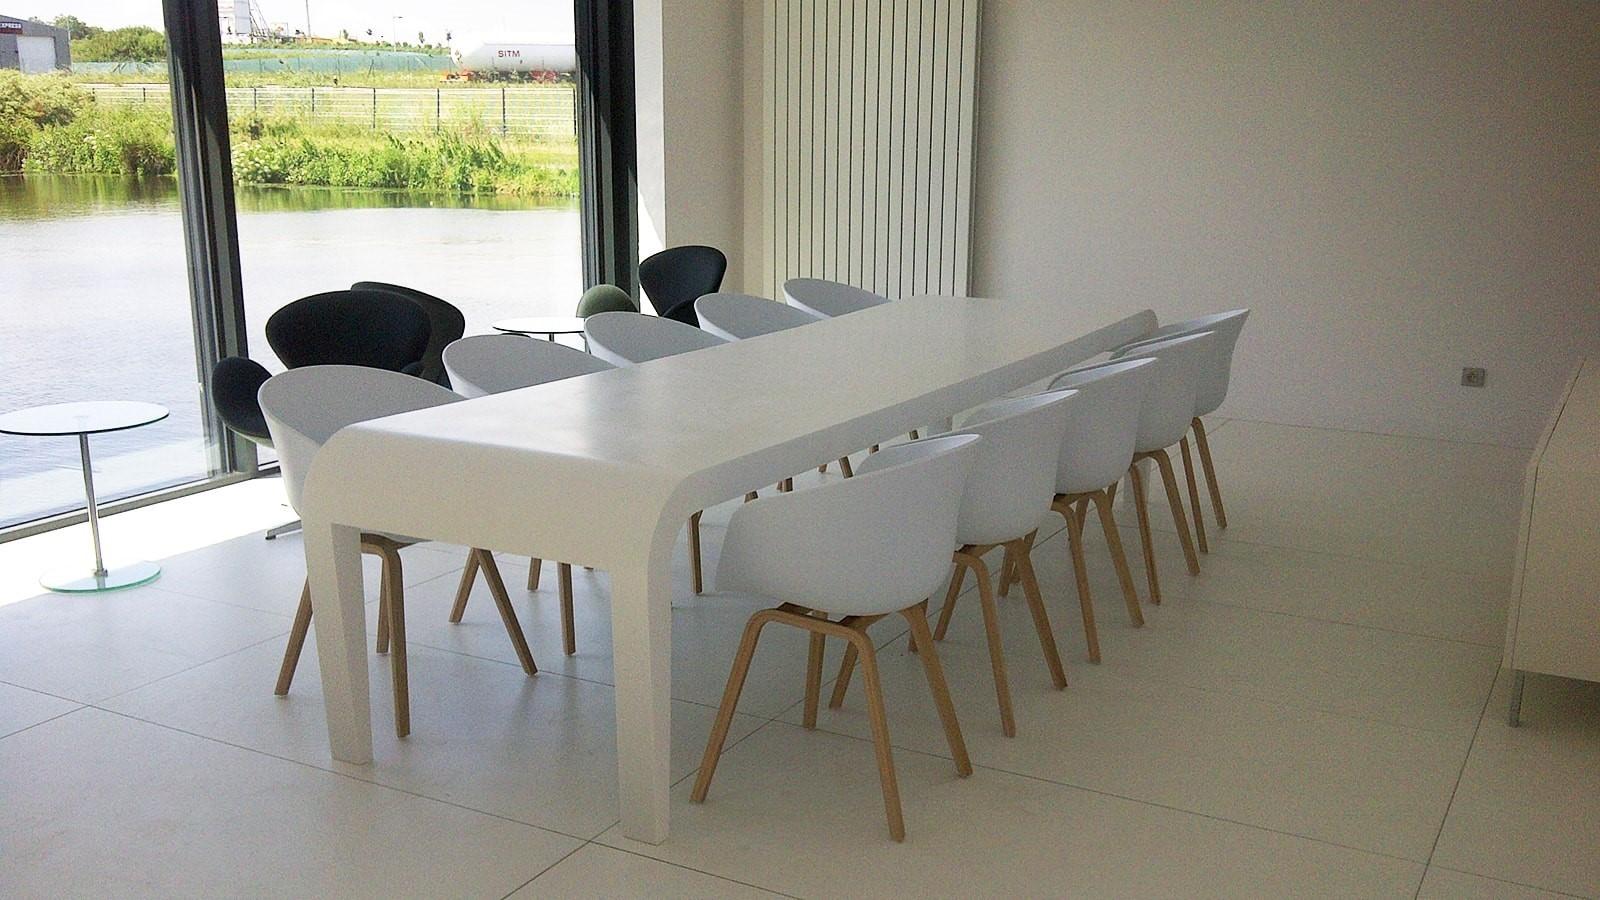 Sogal La Jumeliere Efi Design (5)